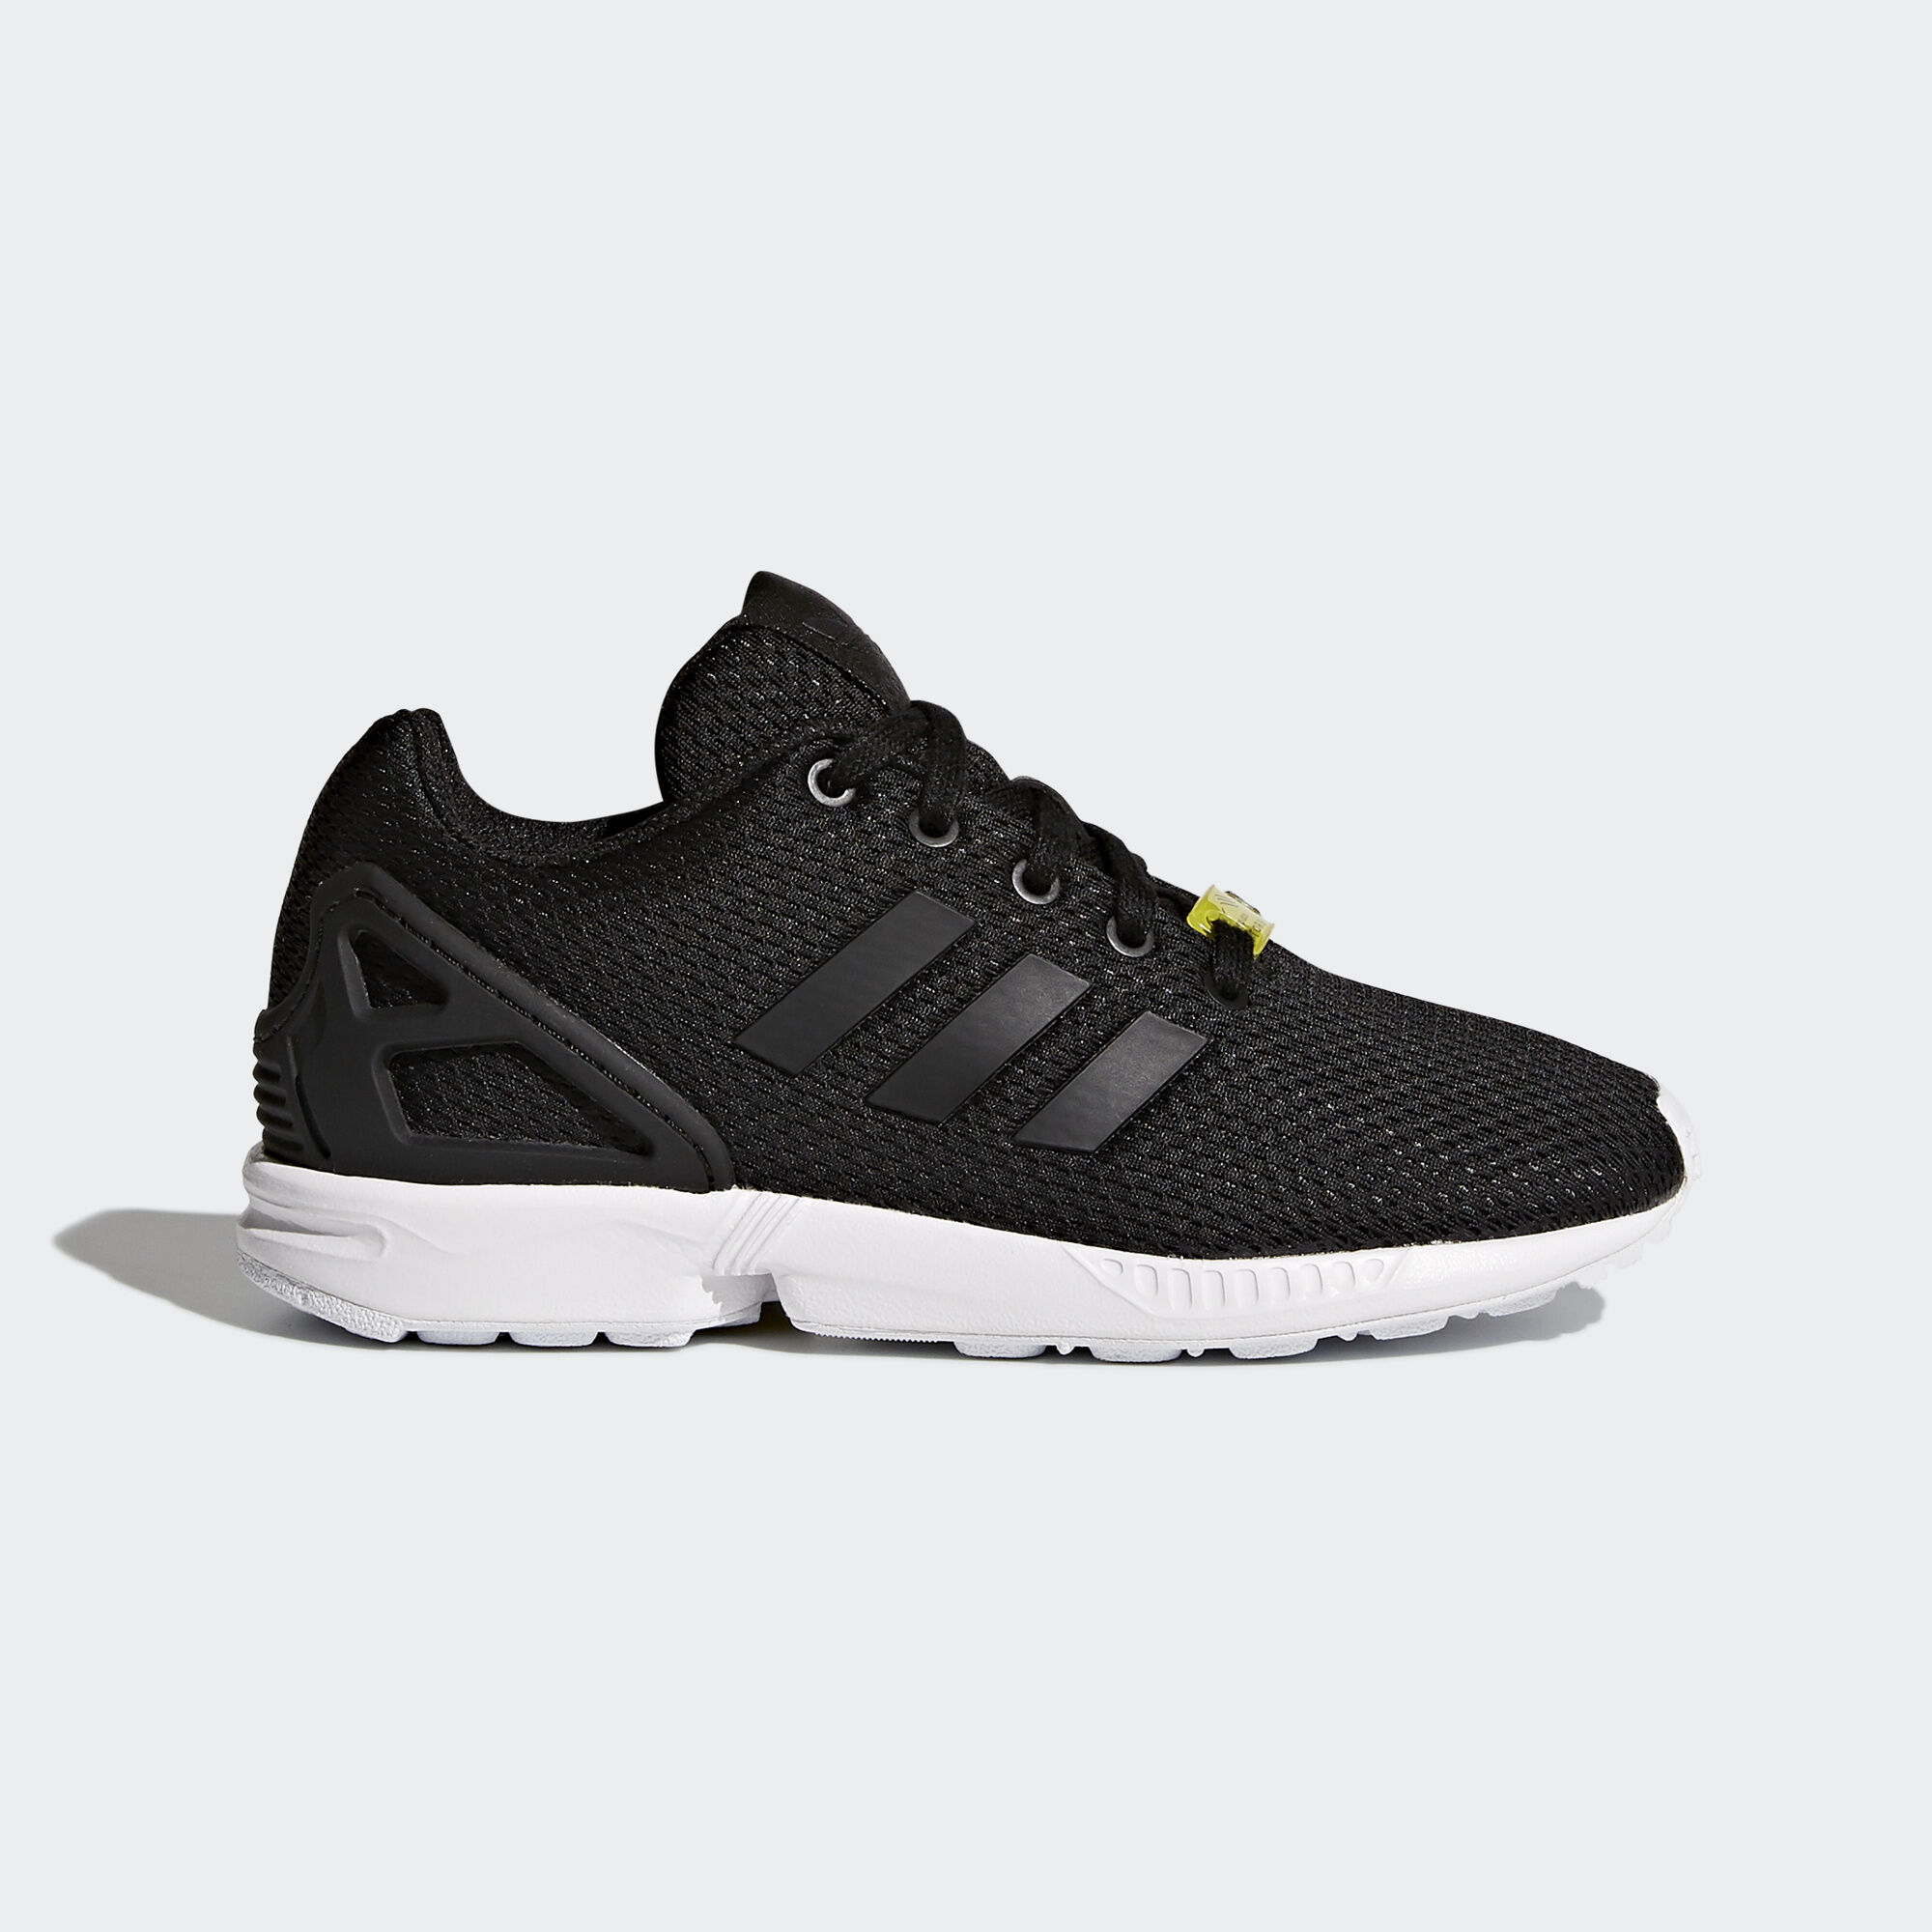 Adidas Zx Flux Gold